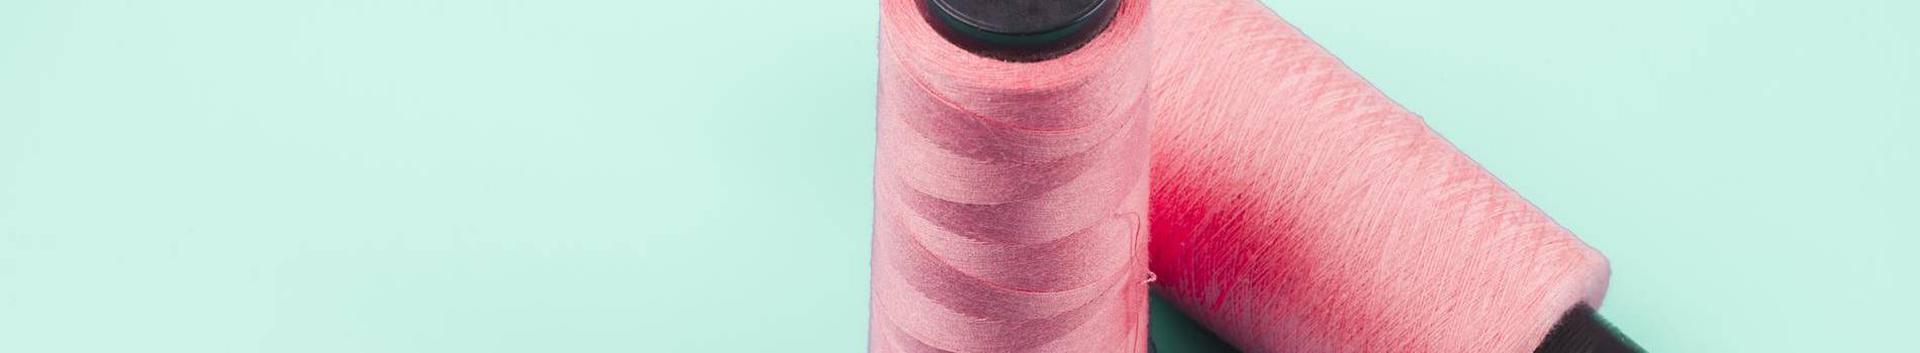 13929_muude-tekstiiltoodete-tootmine_62780971_xl.jpg